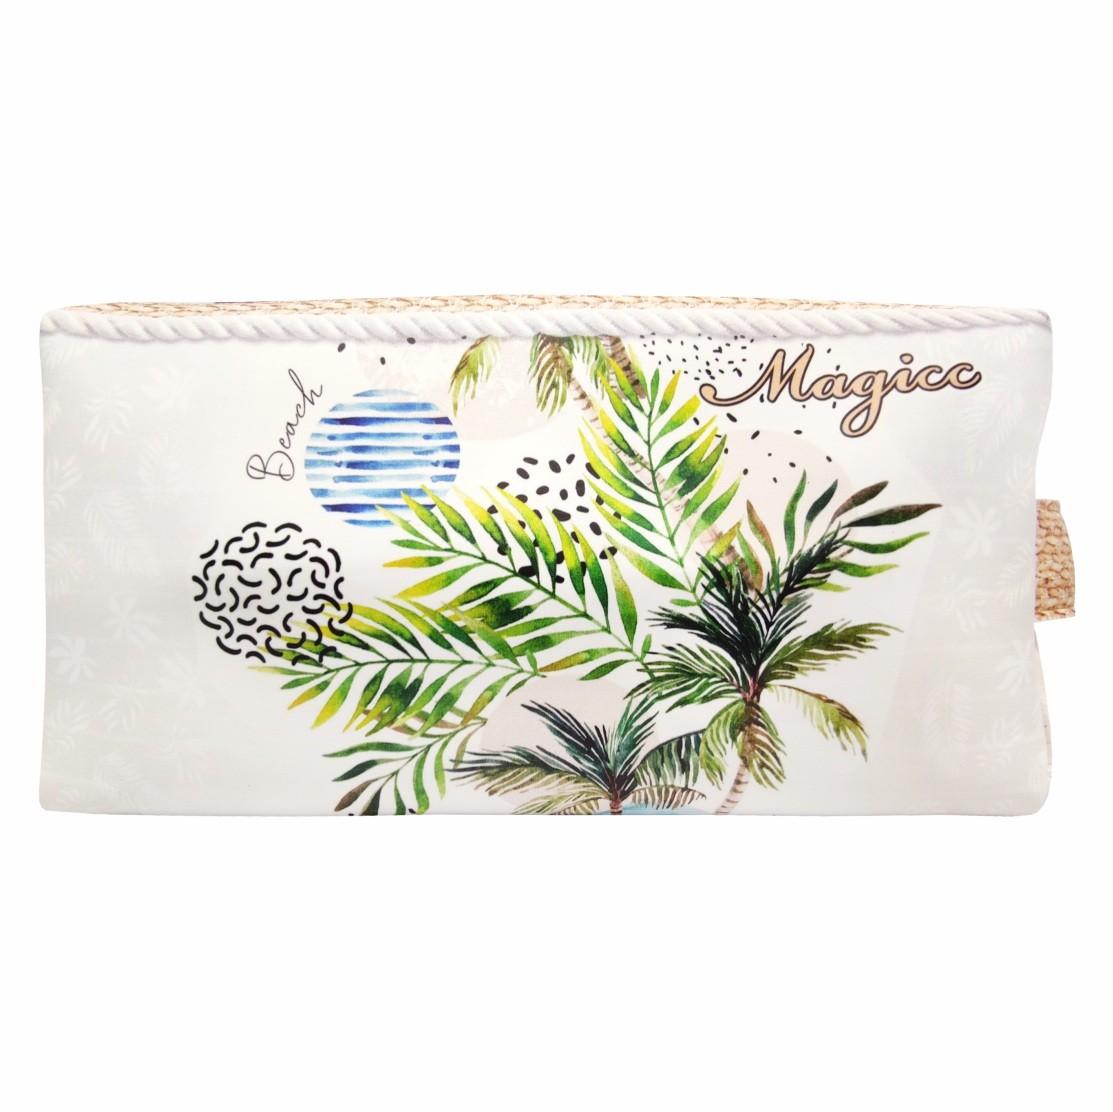 Necessaire Tropical Feminina Coqueiros Tropicais, Magicc